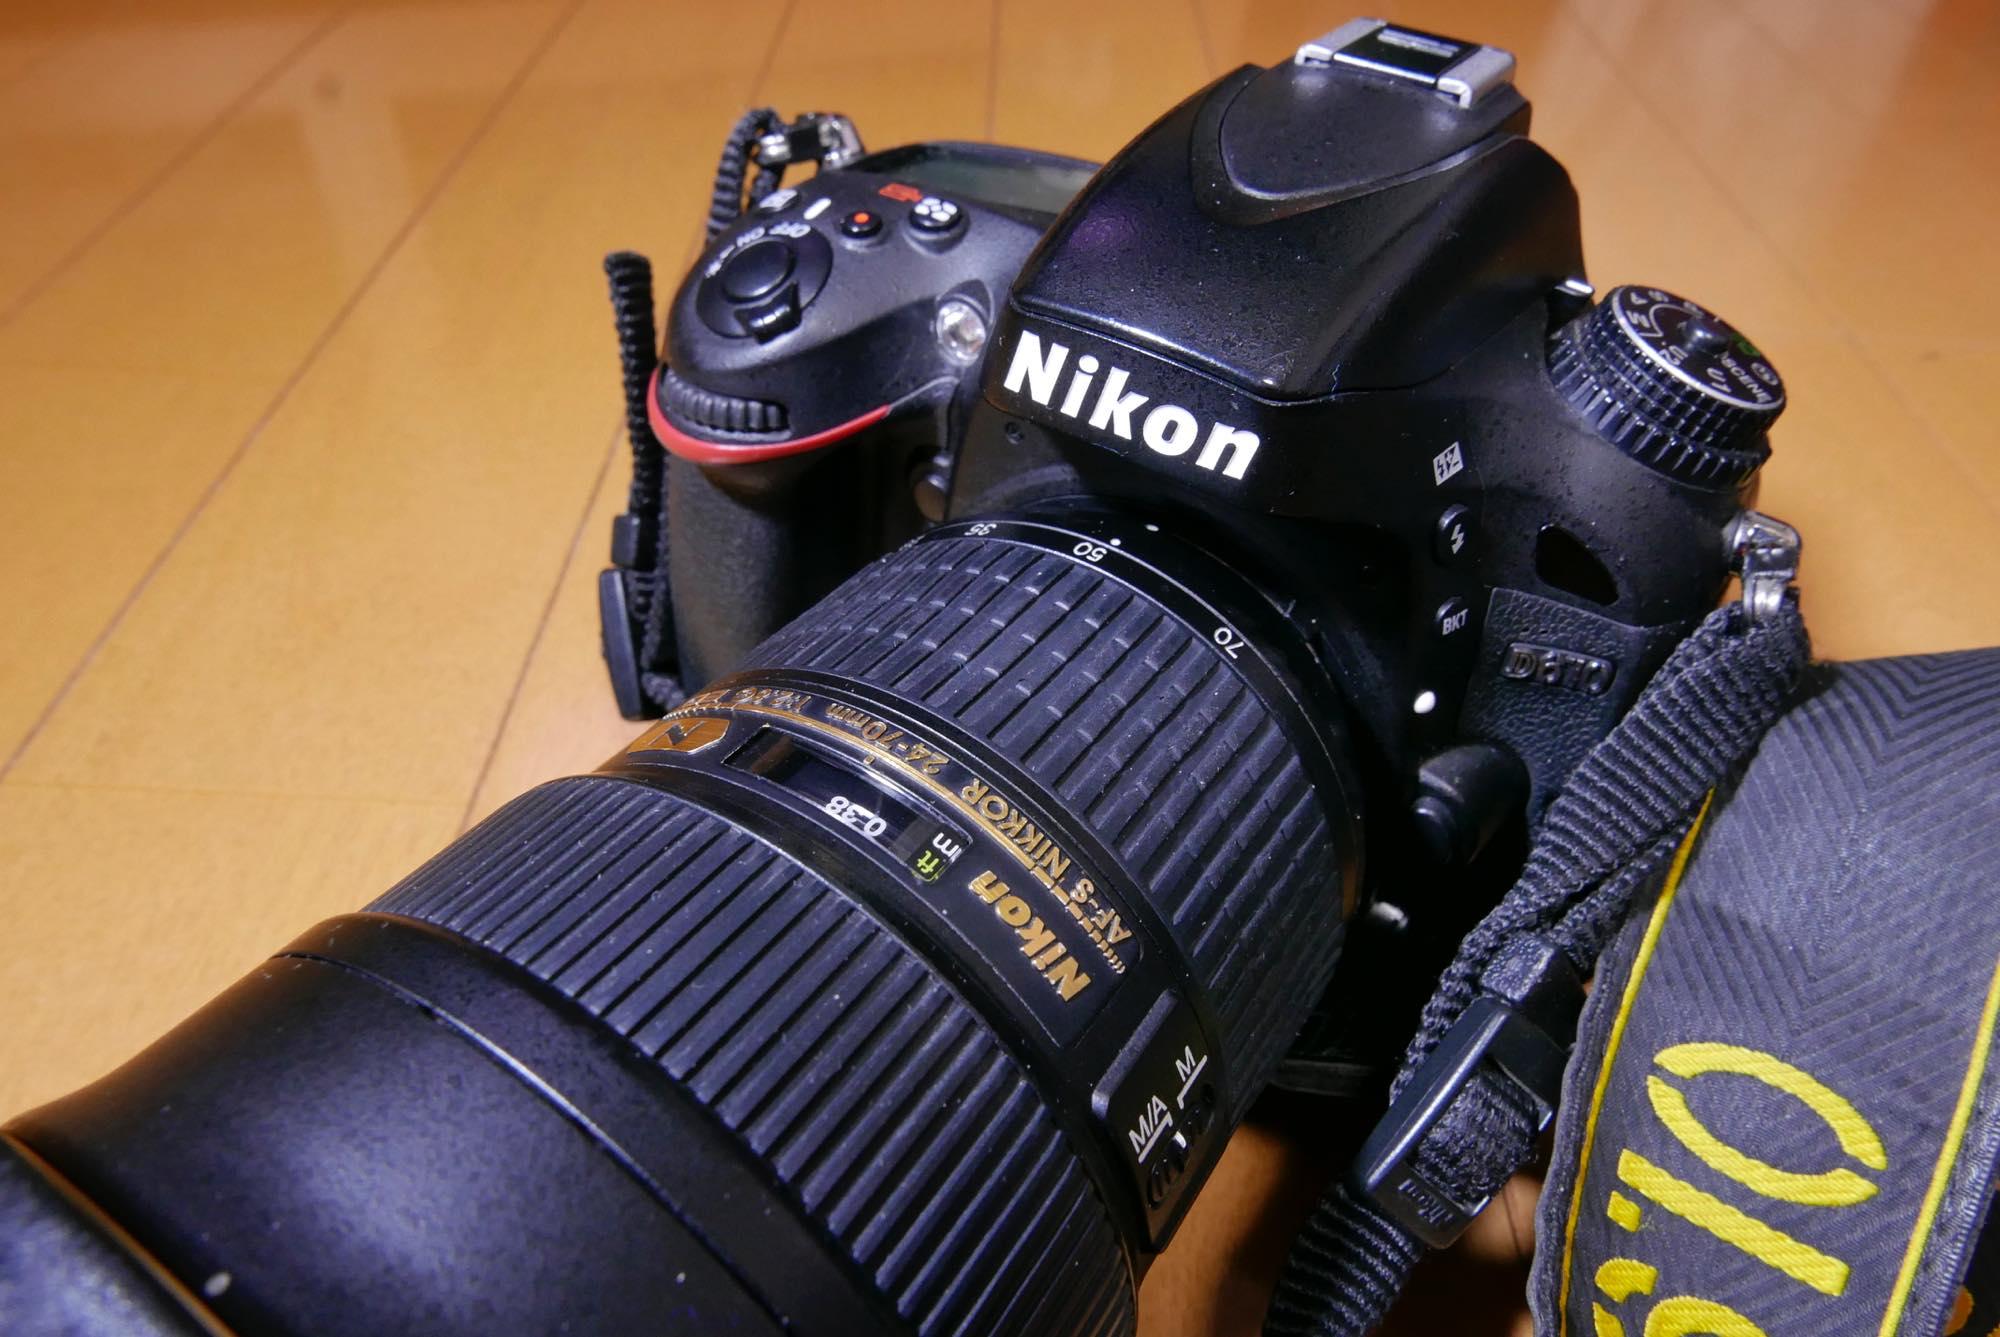 大三元が我が家にやってきた!Nikkor 24-70mm f/2.8G ED購入!